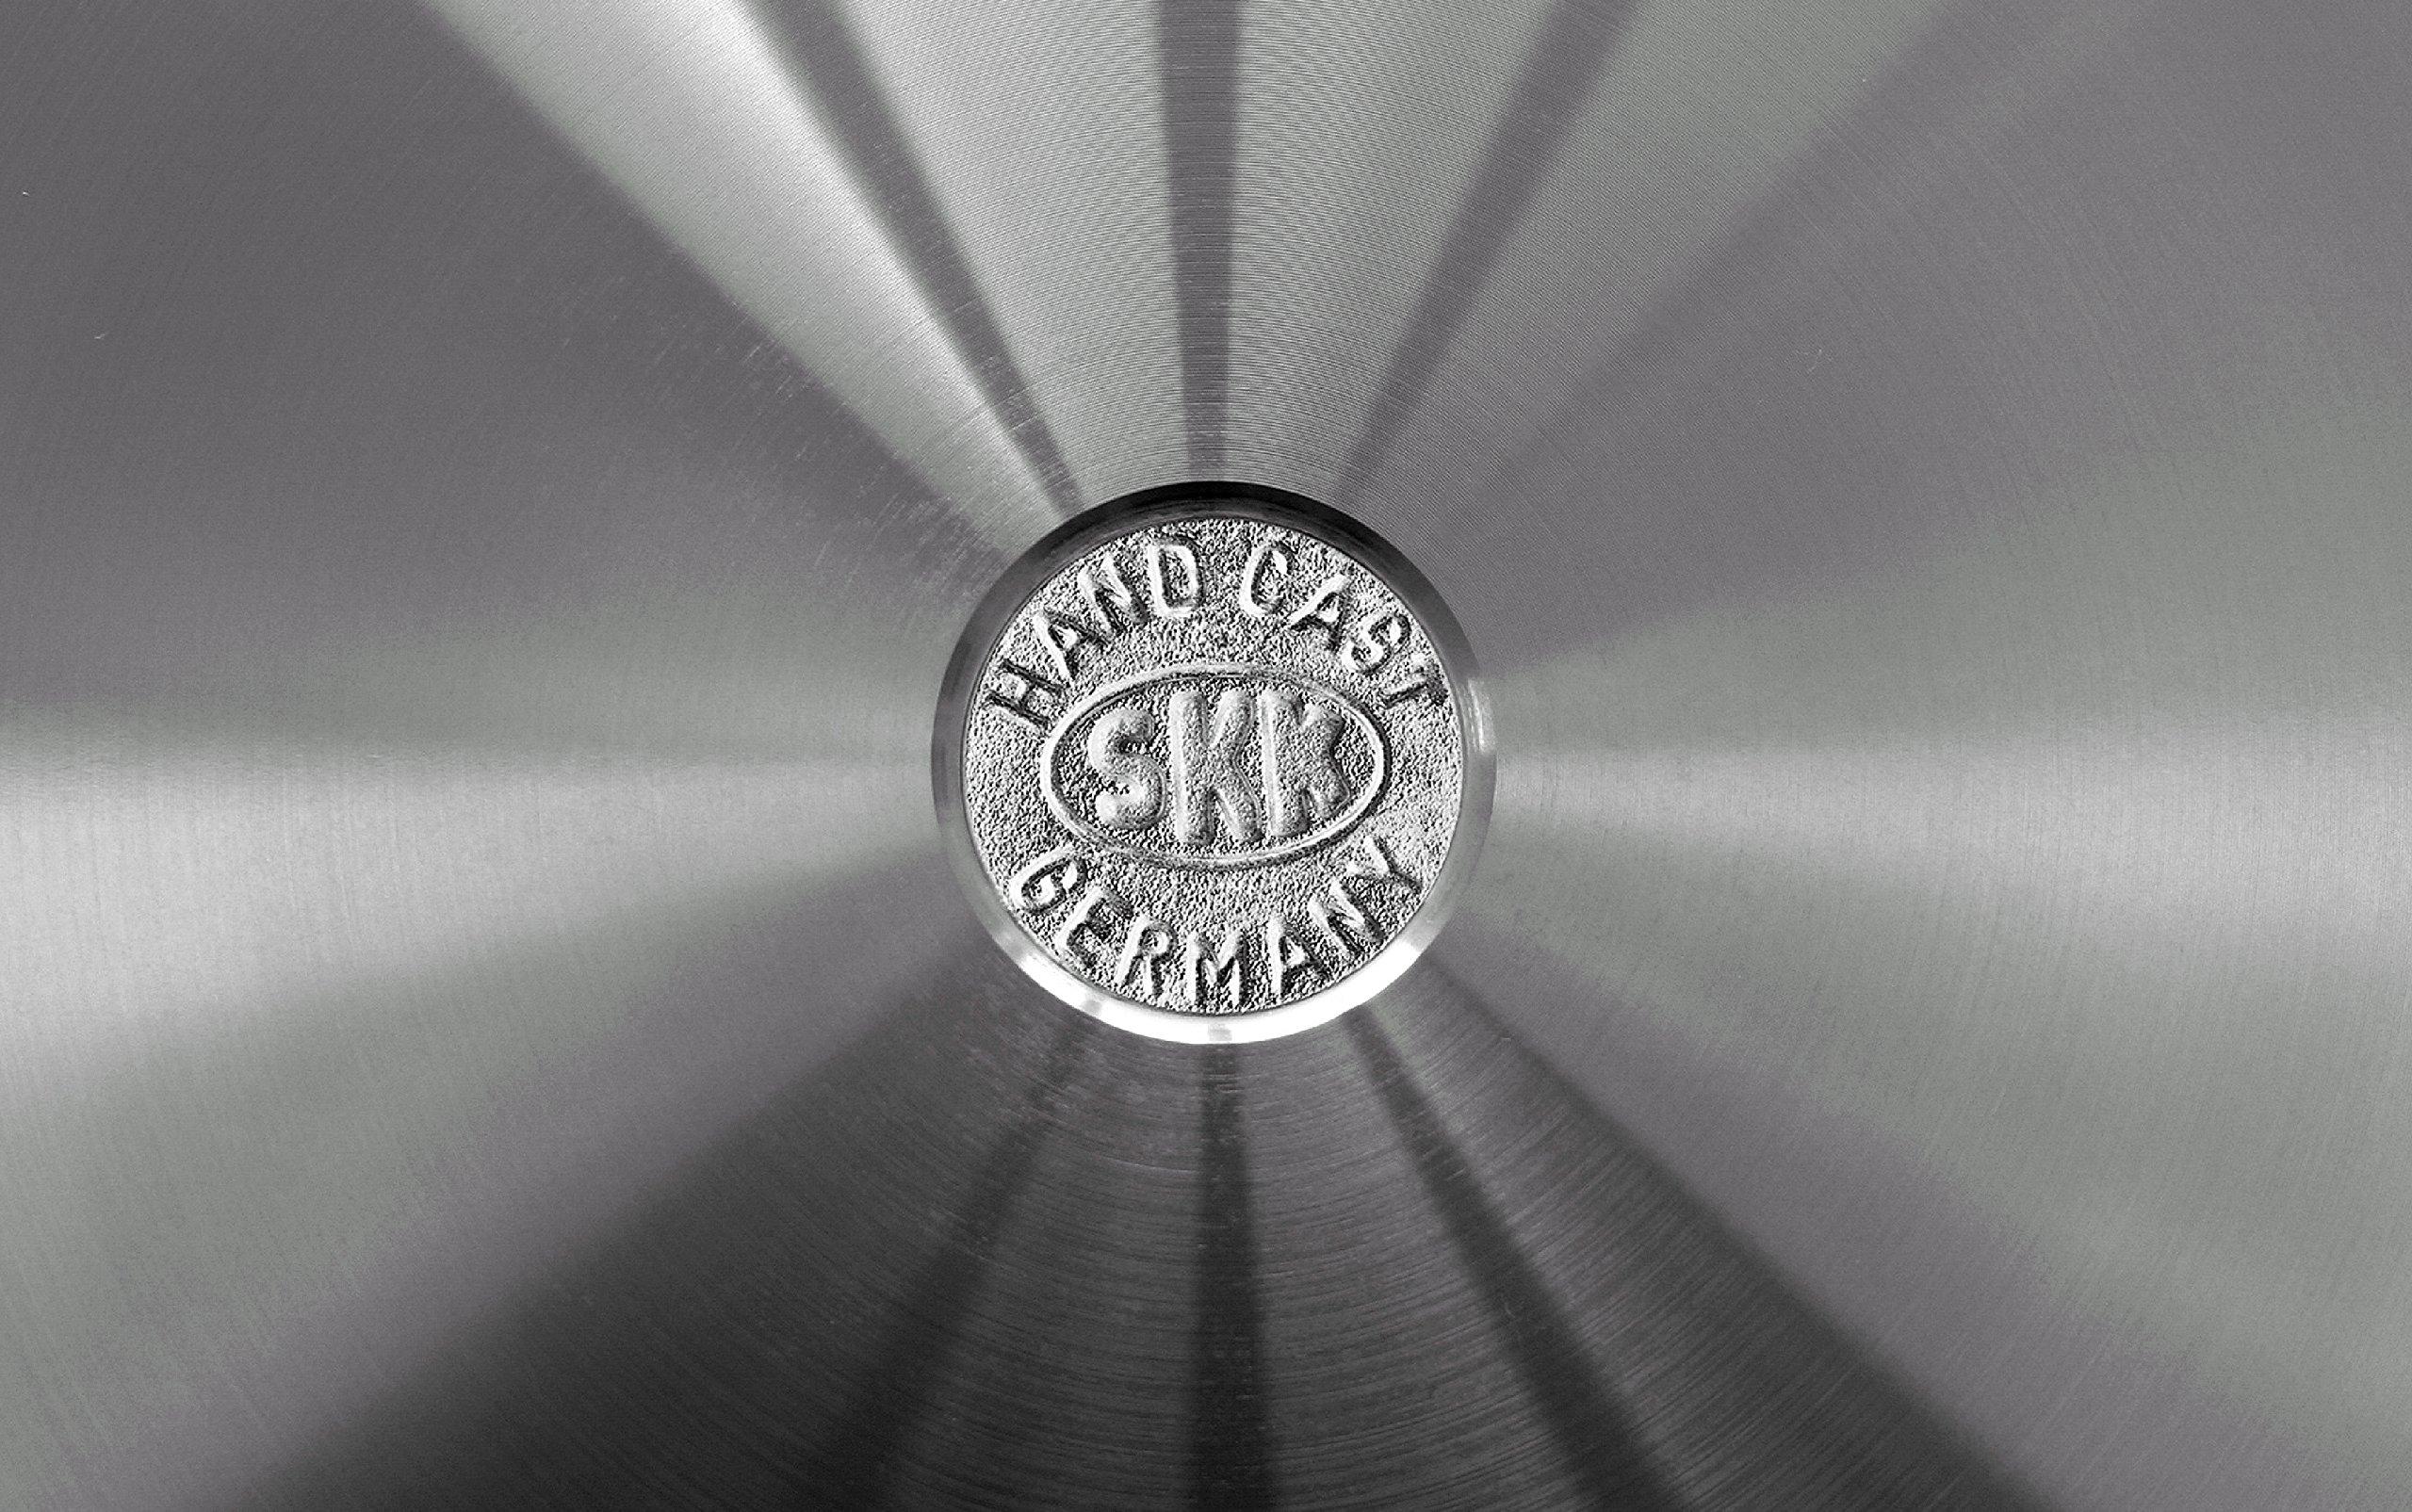 SKK 23614 Titanium Induction, Cast-Iron sauté PaN Diameter 26 cm with Removable Handle by SKK (Image #2)